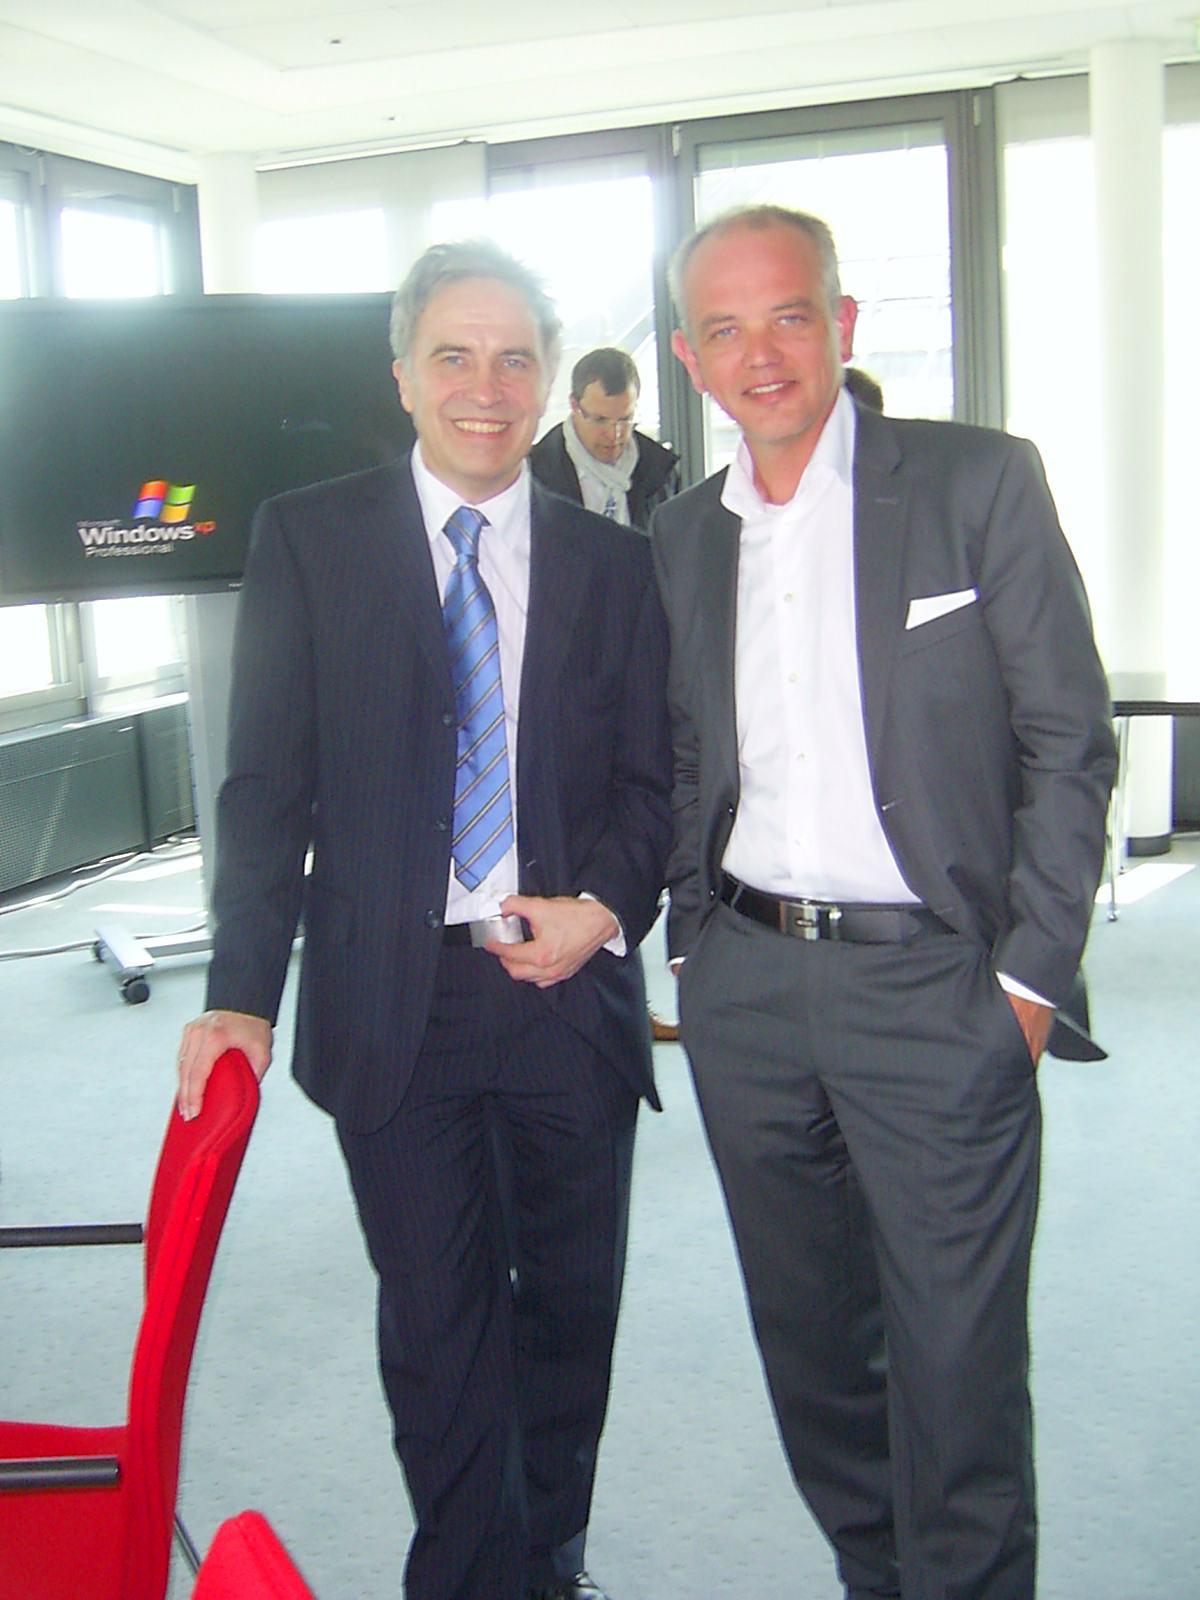 Pressekonferenz zum 26. haspa Marathon Hamburg 2011: Renndirektor Wolfram Götz und HLV-Präsident Wolfgang Müller-Kallweit